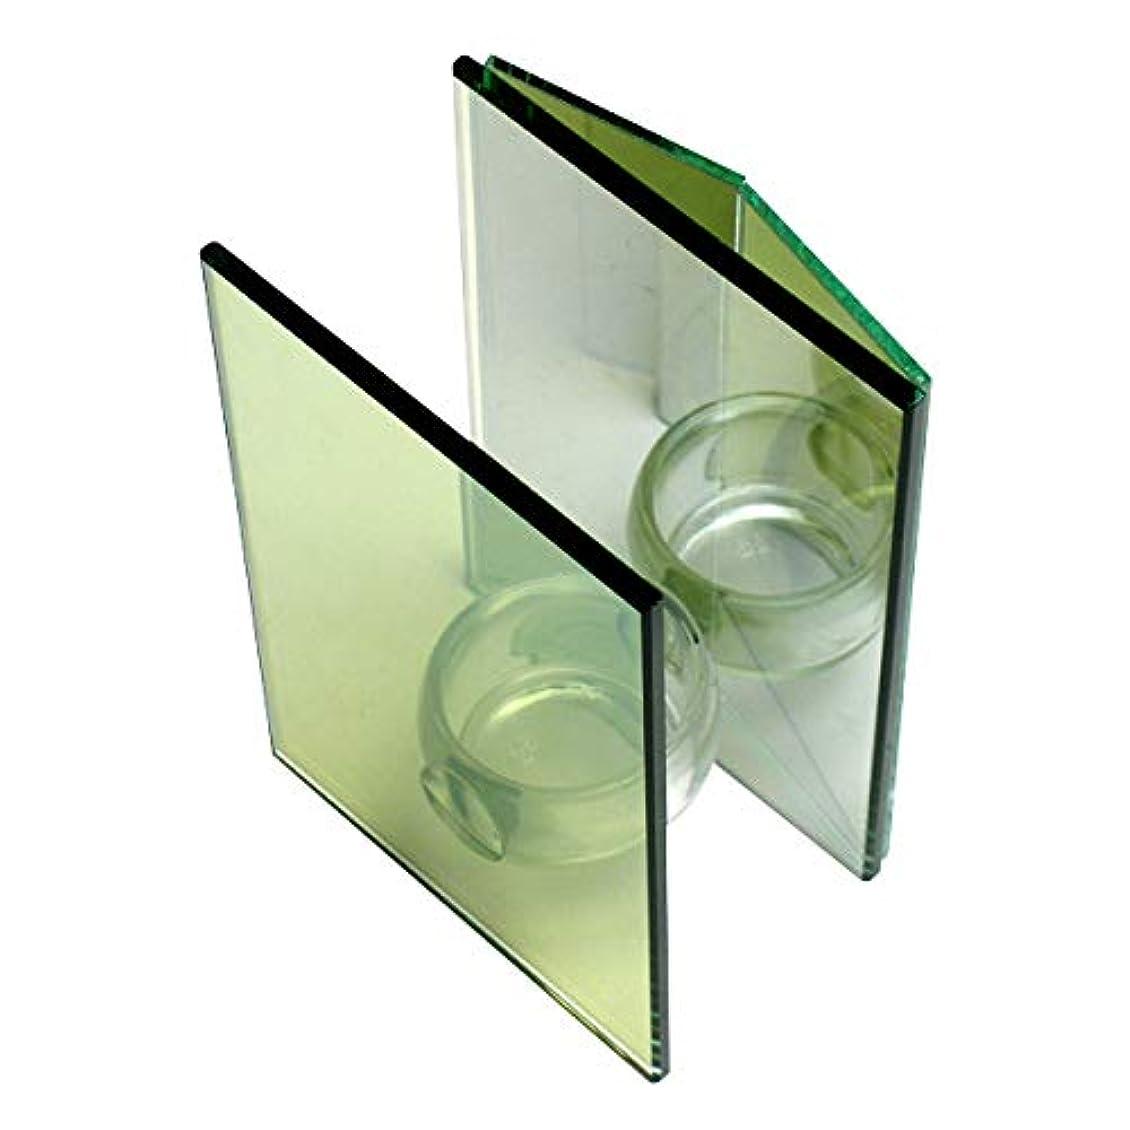 平和な礼儀の無限連鎖キャンドルホルダー ダブルミラー ガラス キャンドルスタンド ランタン 誕生日 ティーライトキャンドル